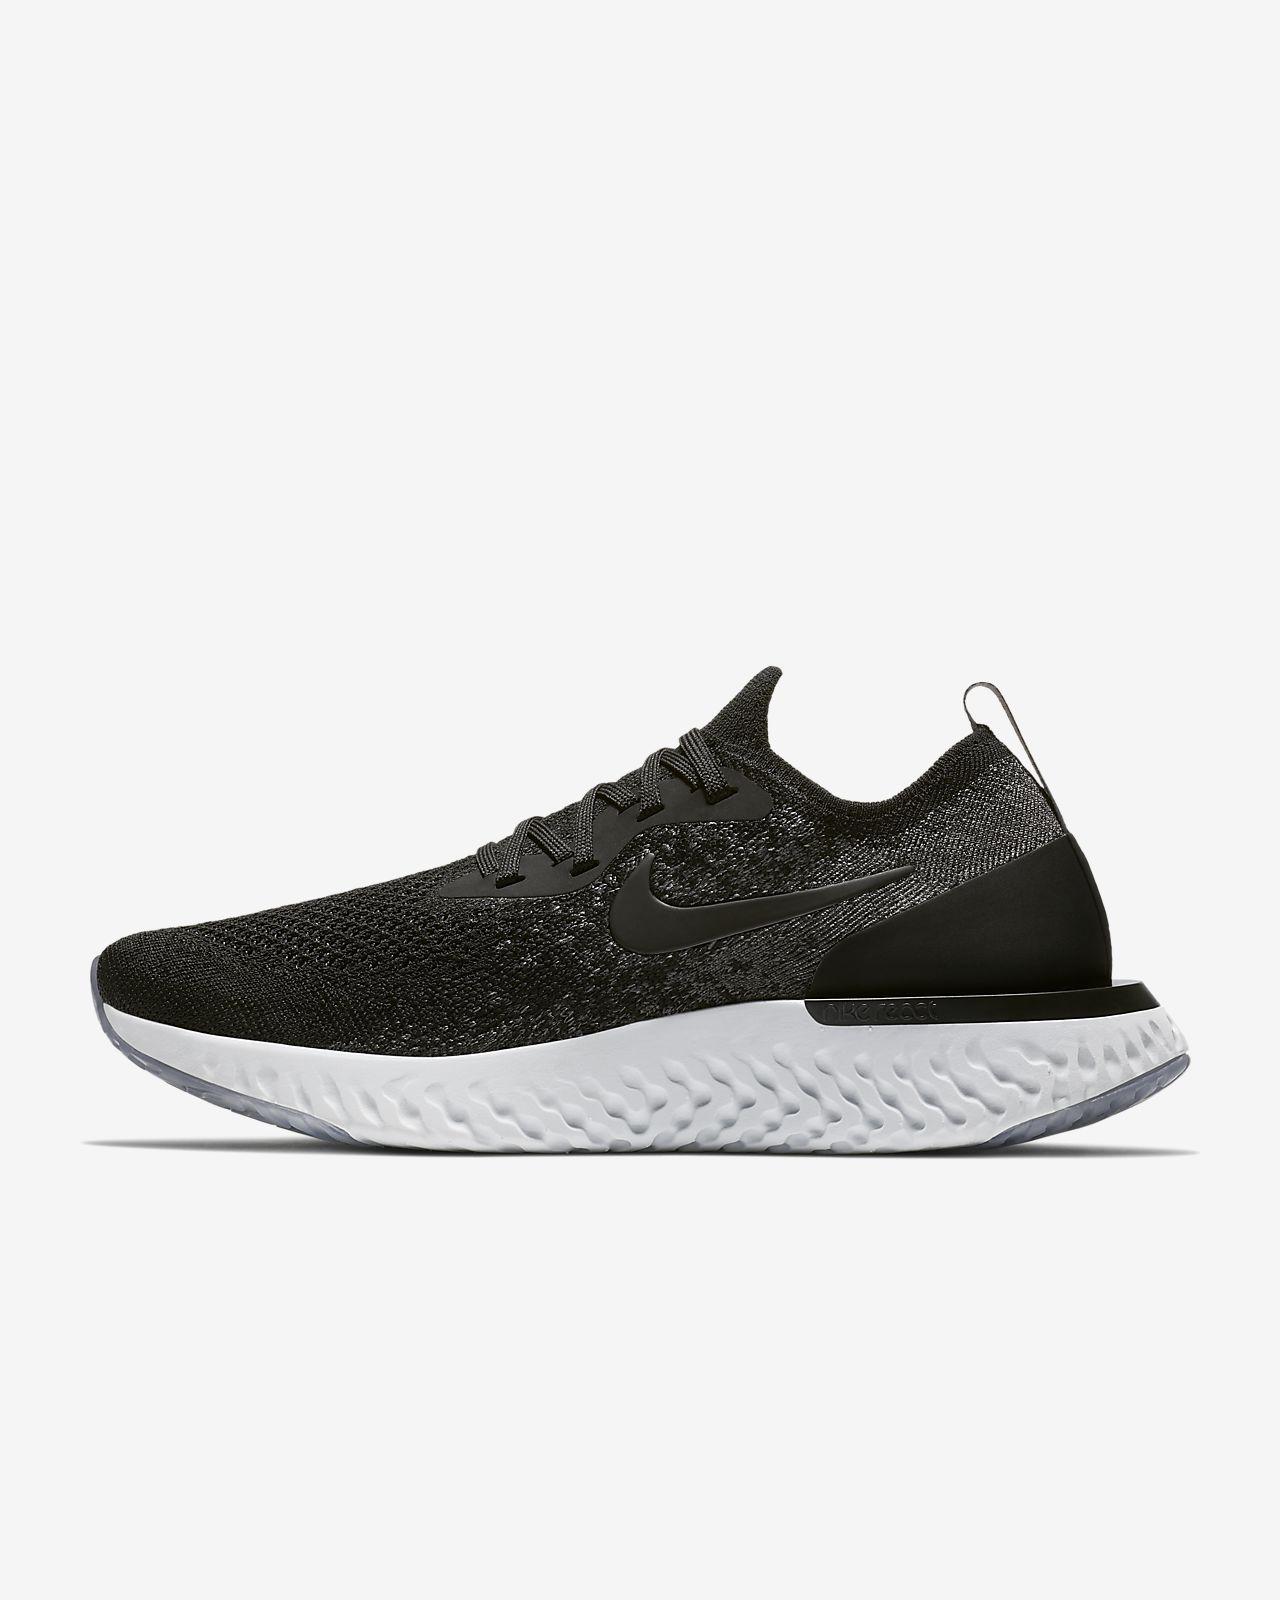 Nike Golf Femme Air Zoom précis Chaussures-Pure Platinum-afficher le titre d'origine